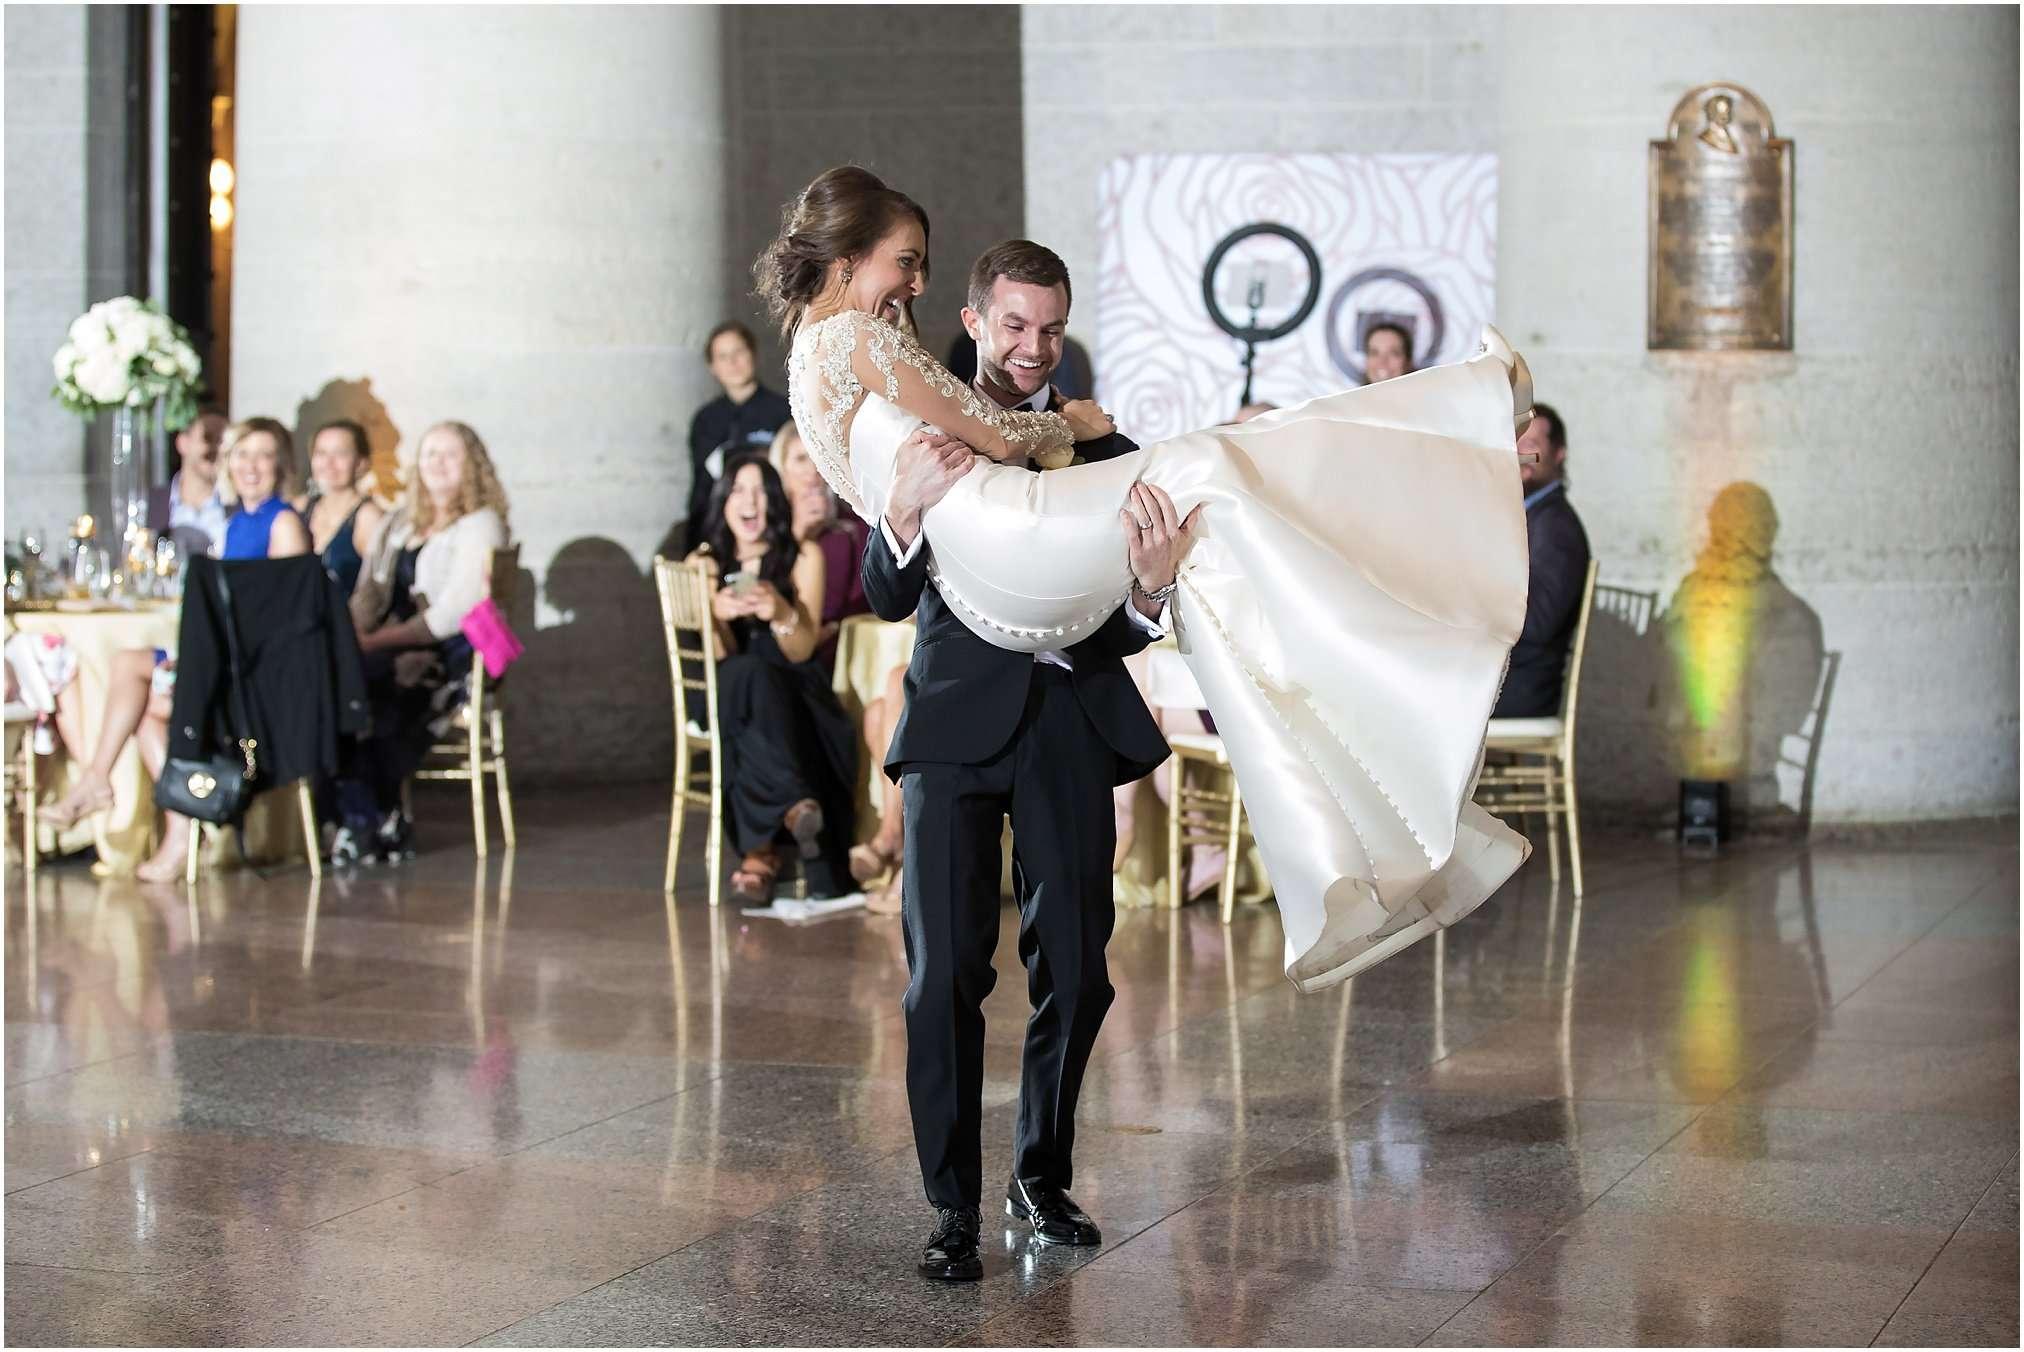 Spring Wedding at the Ohio Statehouse | Columbus Ohio Photography 216